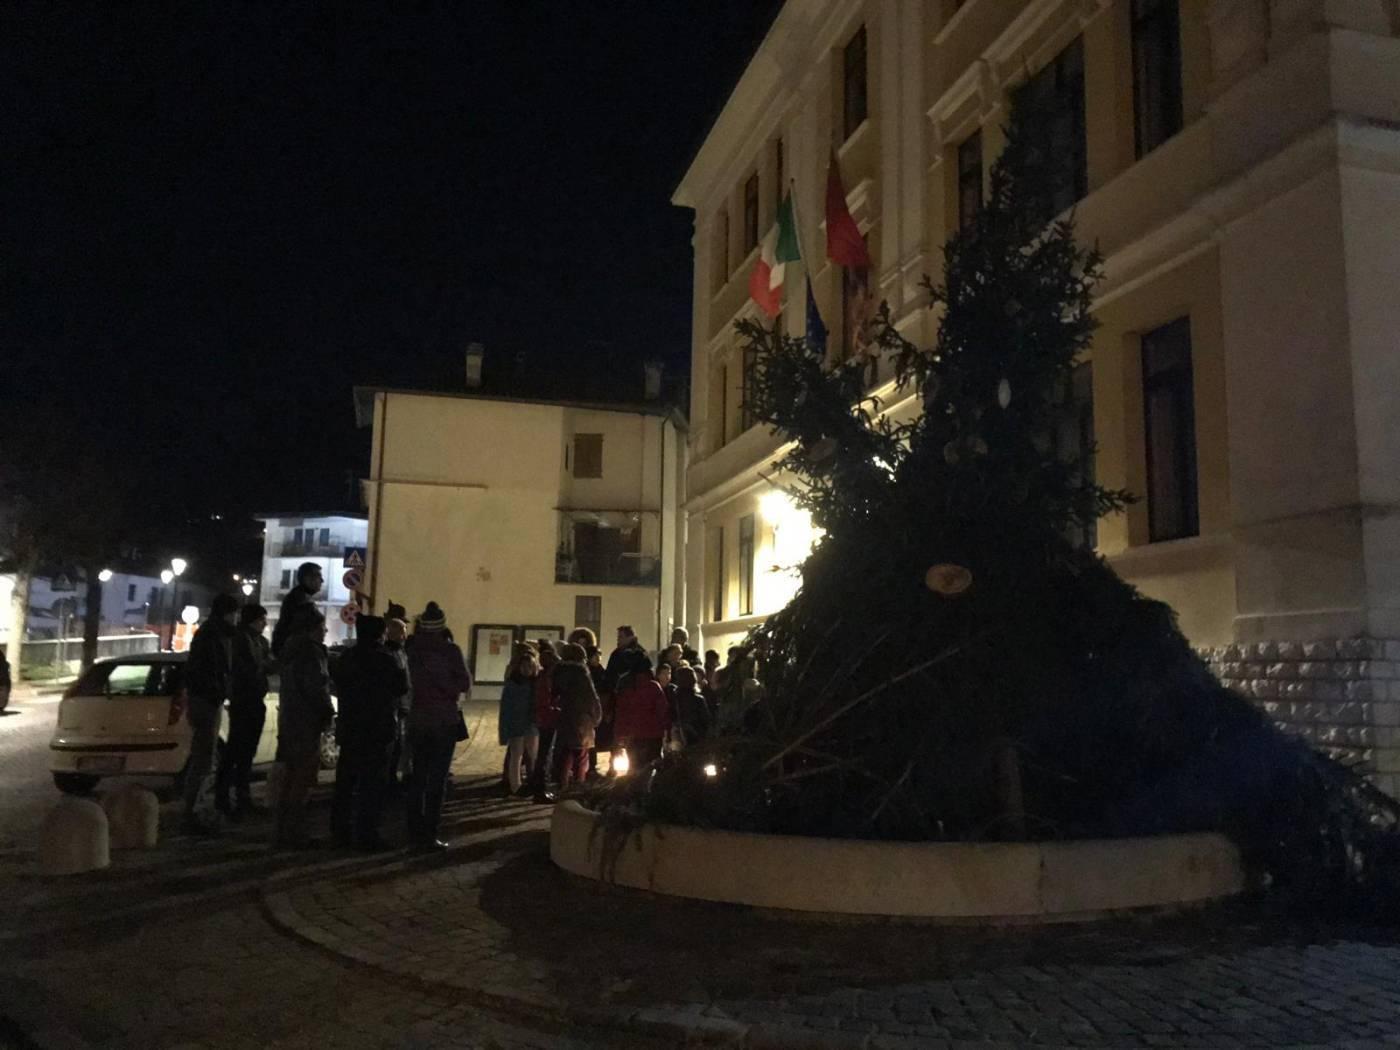 L'Albero di Natale di Pedavena realizzato con gli alberi caduti durante l'emergenza maltempo